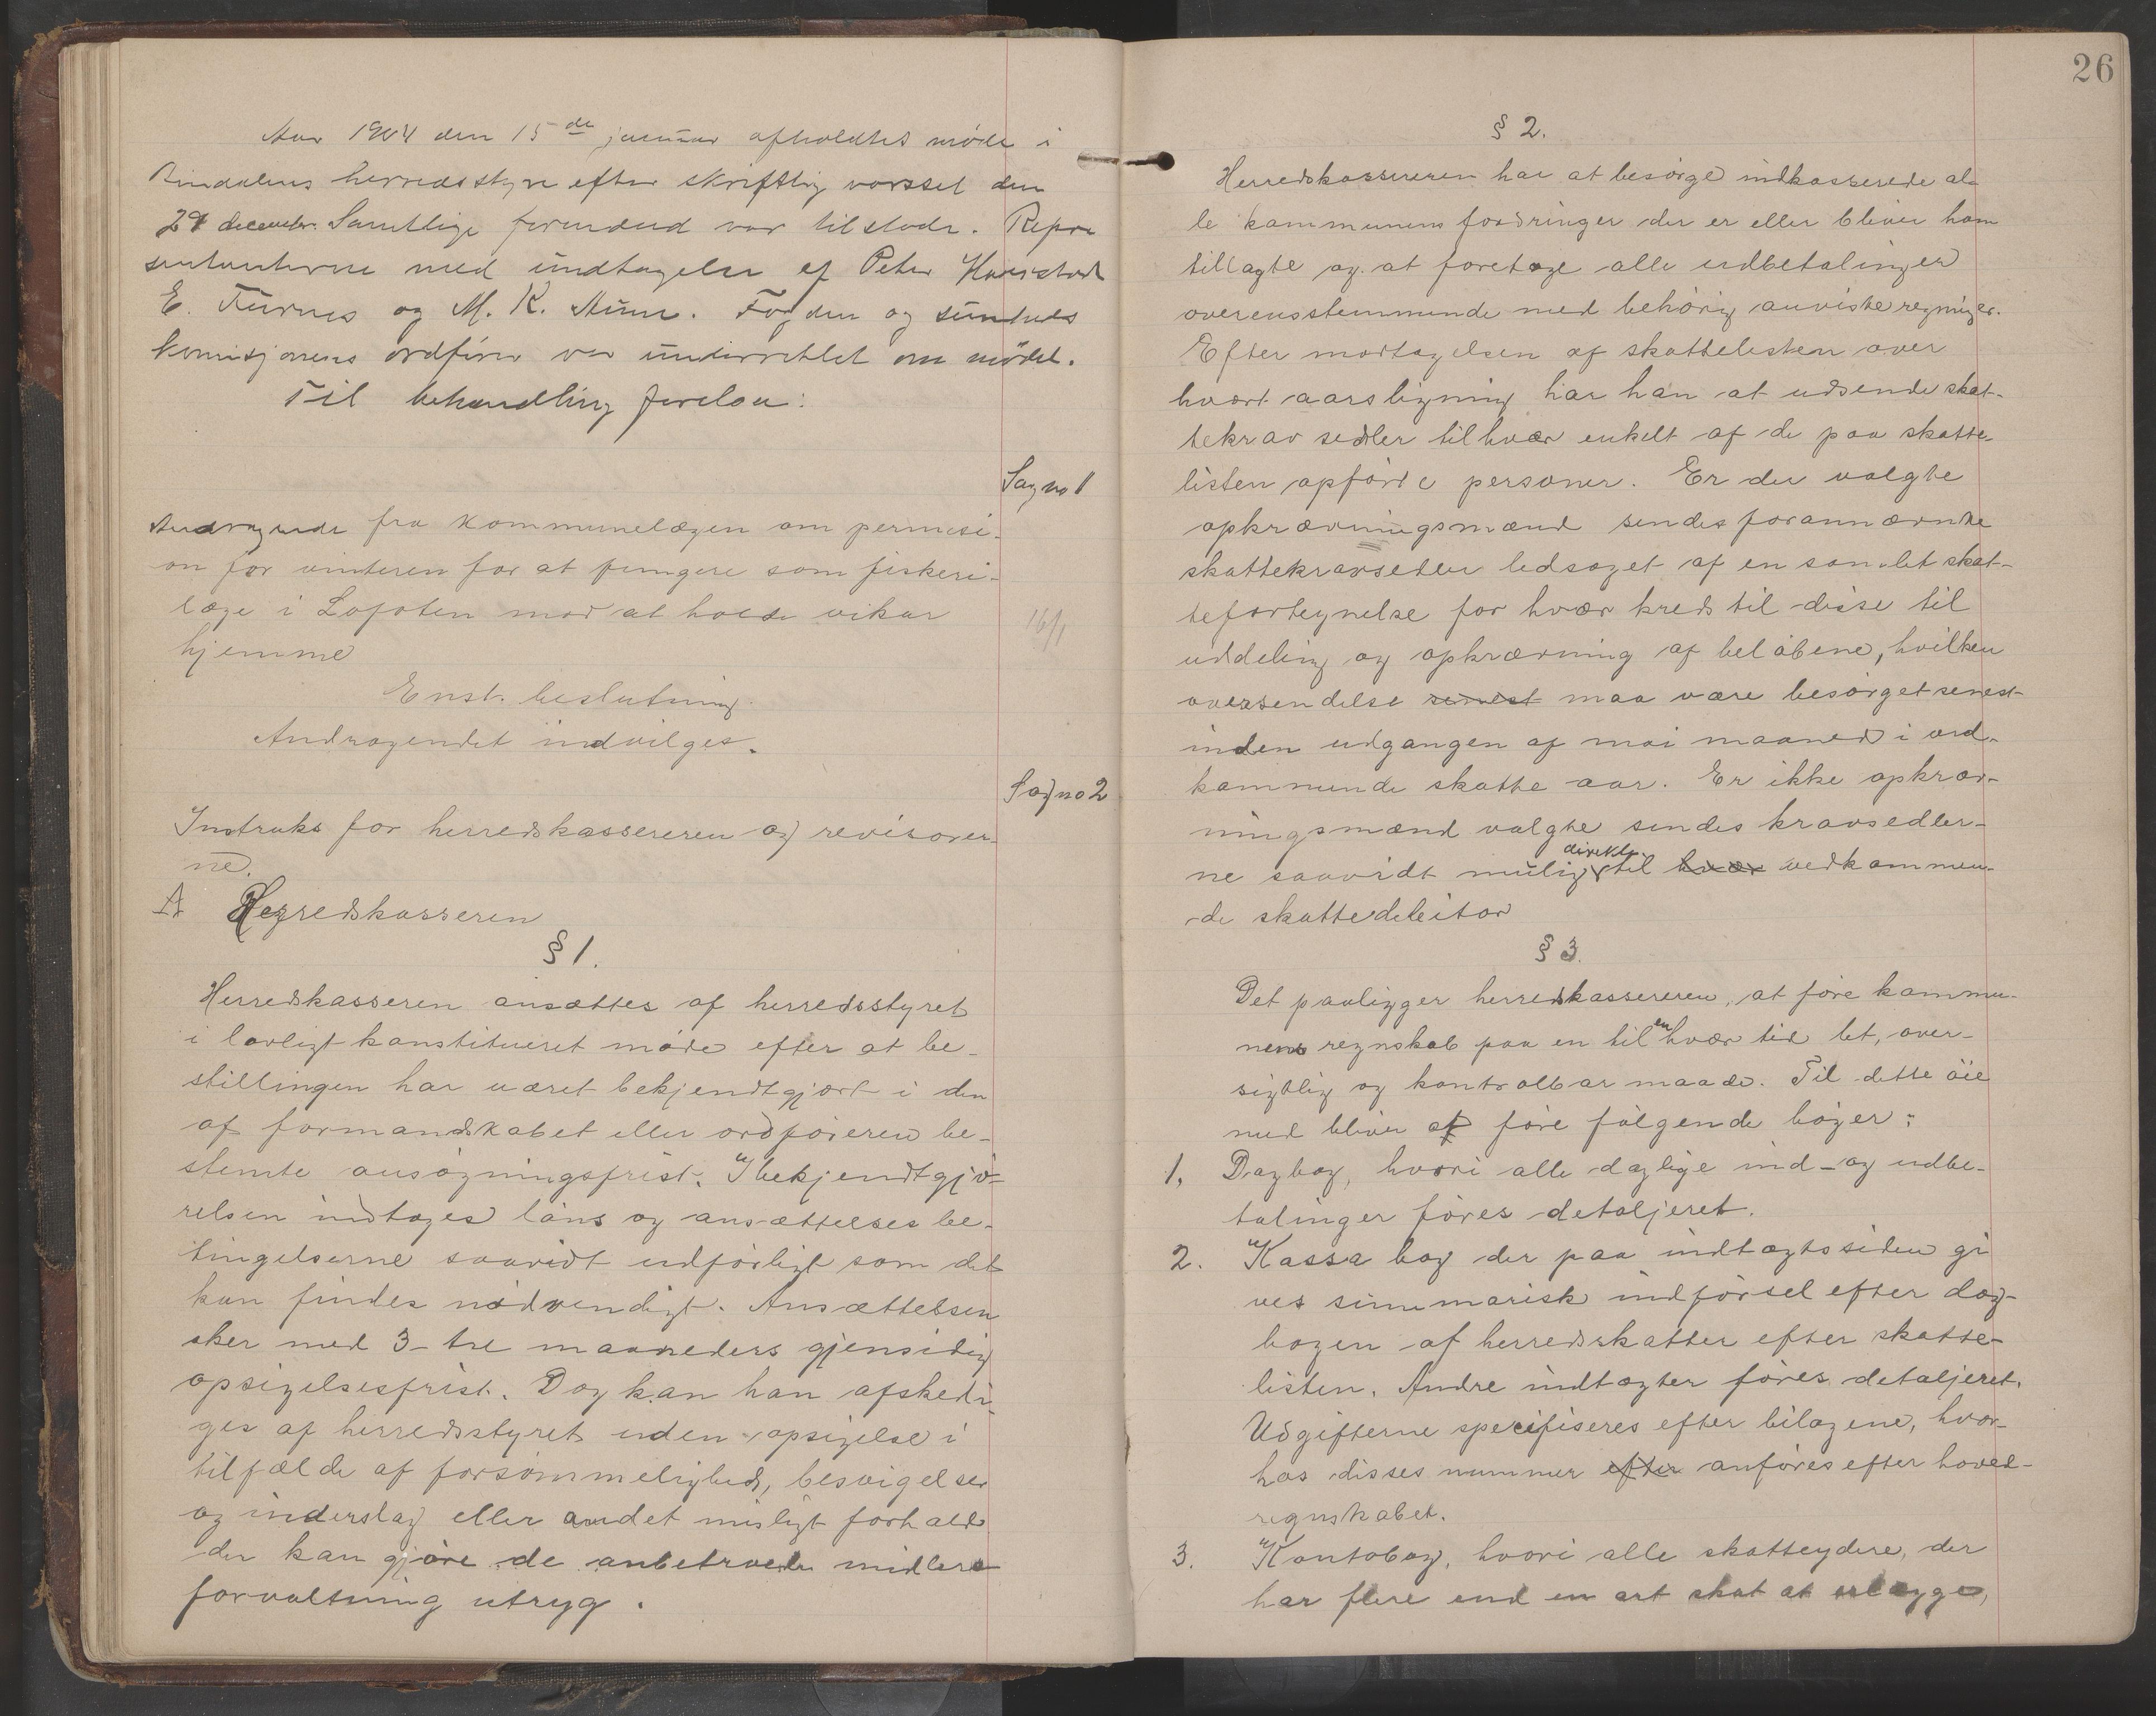 AIN, Bindal kommune. Formannskapet, A/Aa/L0000e: Møtebok, 1903-1914, s. 26